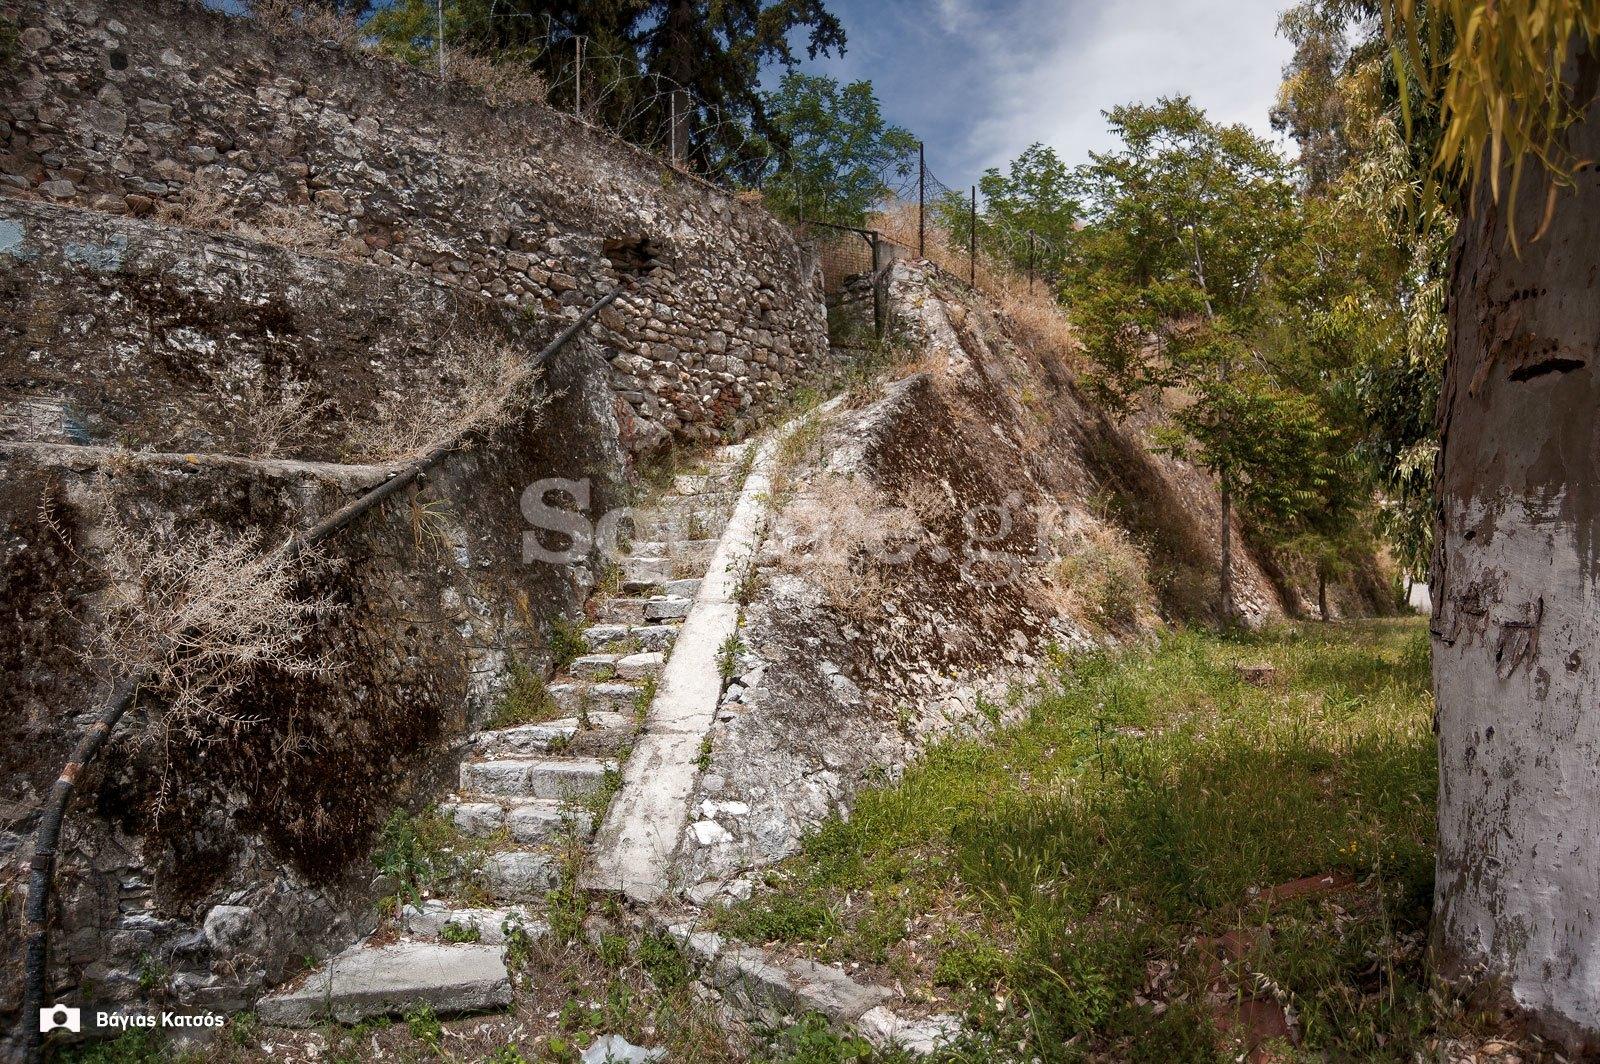 2-Τάφρος-και-μεσαιωνικό-τείχος-της-Χαλκίδας-μέσα-στο-χώρο-της-σχολής-πεζικού